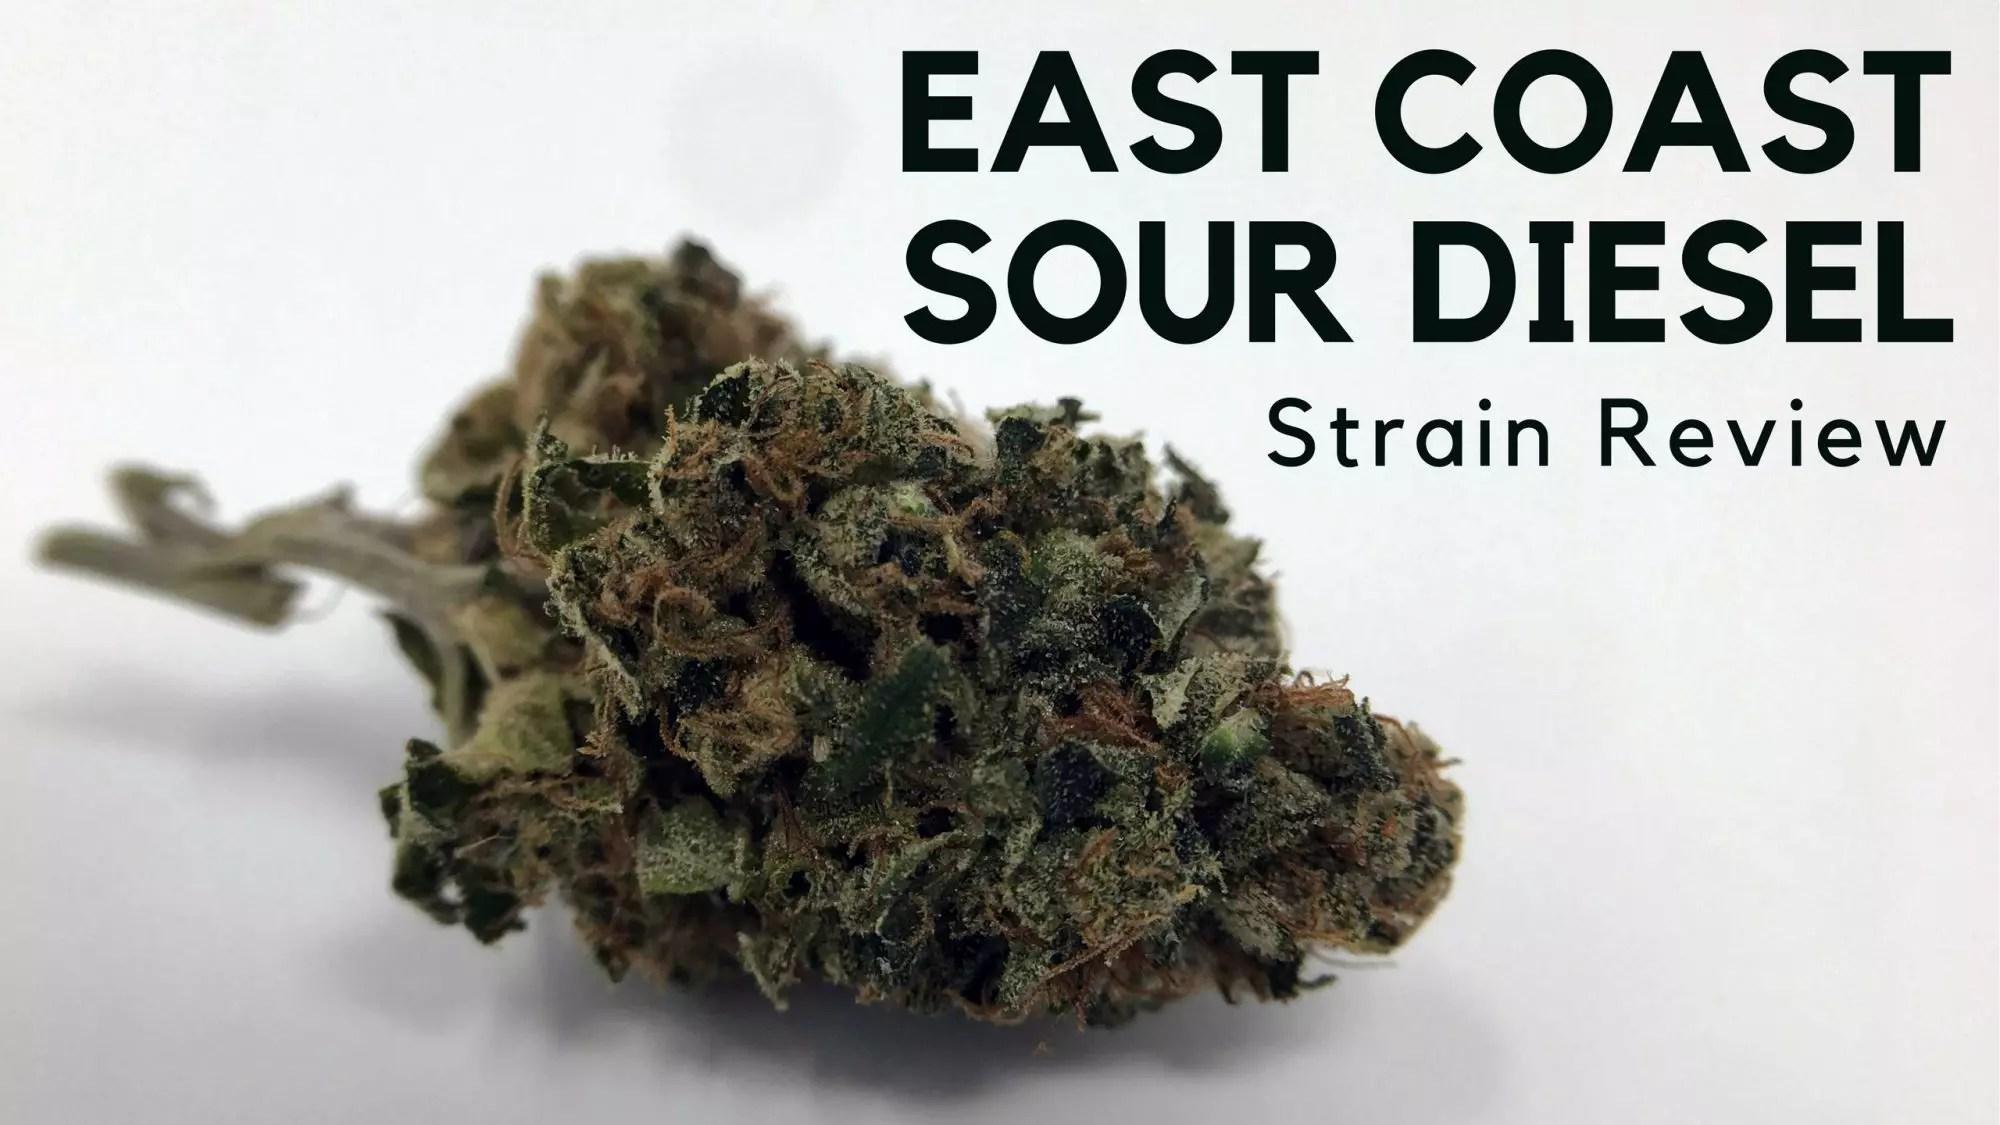 East Coast Diesel >> East Coast Sour Diesel Cannabis Strain Information Review Ismoke